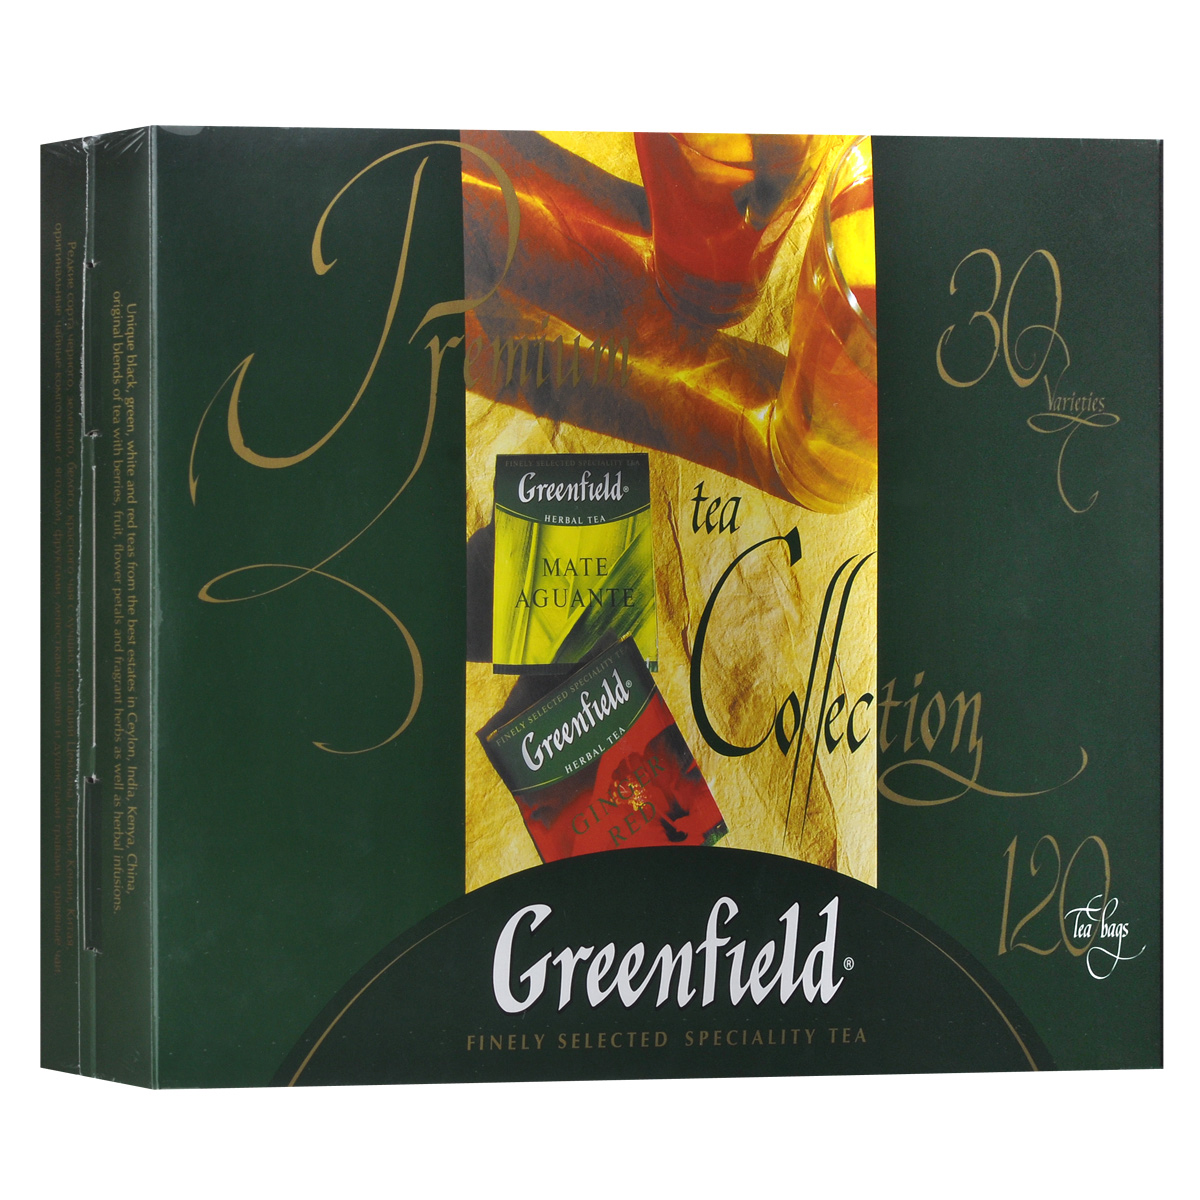 Greenfield набор изысканного чая и чай в пакетиках, 30 видов1074-08Редкие сорта черного, зеленого, белого, красного чая с лучших плантаций Цейлона, Индии, Кении, Китая и Японии. Оригинальные чайные композиции с ягодами, фруктами, лепестками цветов и душистыми травами, травяные чаи. В коробке с набором вложен буклет с описанием каждого вида чая из коллекции Greenfield.Голден ЦейлонПремиум АссанКлассик БрекфастФайн ДжарджилингМеджик ЮньнаньДеликат КимыньКениан СанрайзЭл Грей ФэнтазиМилки ОолонгФлаинг ДрагонДжапаниз СенчаЖасмин ДримКрими РойбошРич КамомайлМатэ АгуантэСамма БукетДжинджер РэдФестив ГрэйпЛотос БризГрин МелиссаТропикал МавелМанго ДелайтБлюберри НайтсКристмас МистериИстэ ЧиэСпринг МелодиБарбери ГарденЛемон СпаркВанила ВэйвШоколад Тоффи